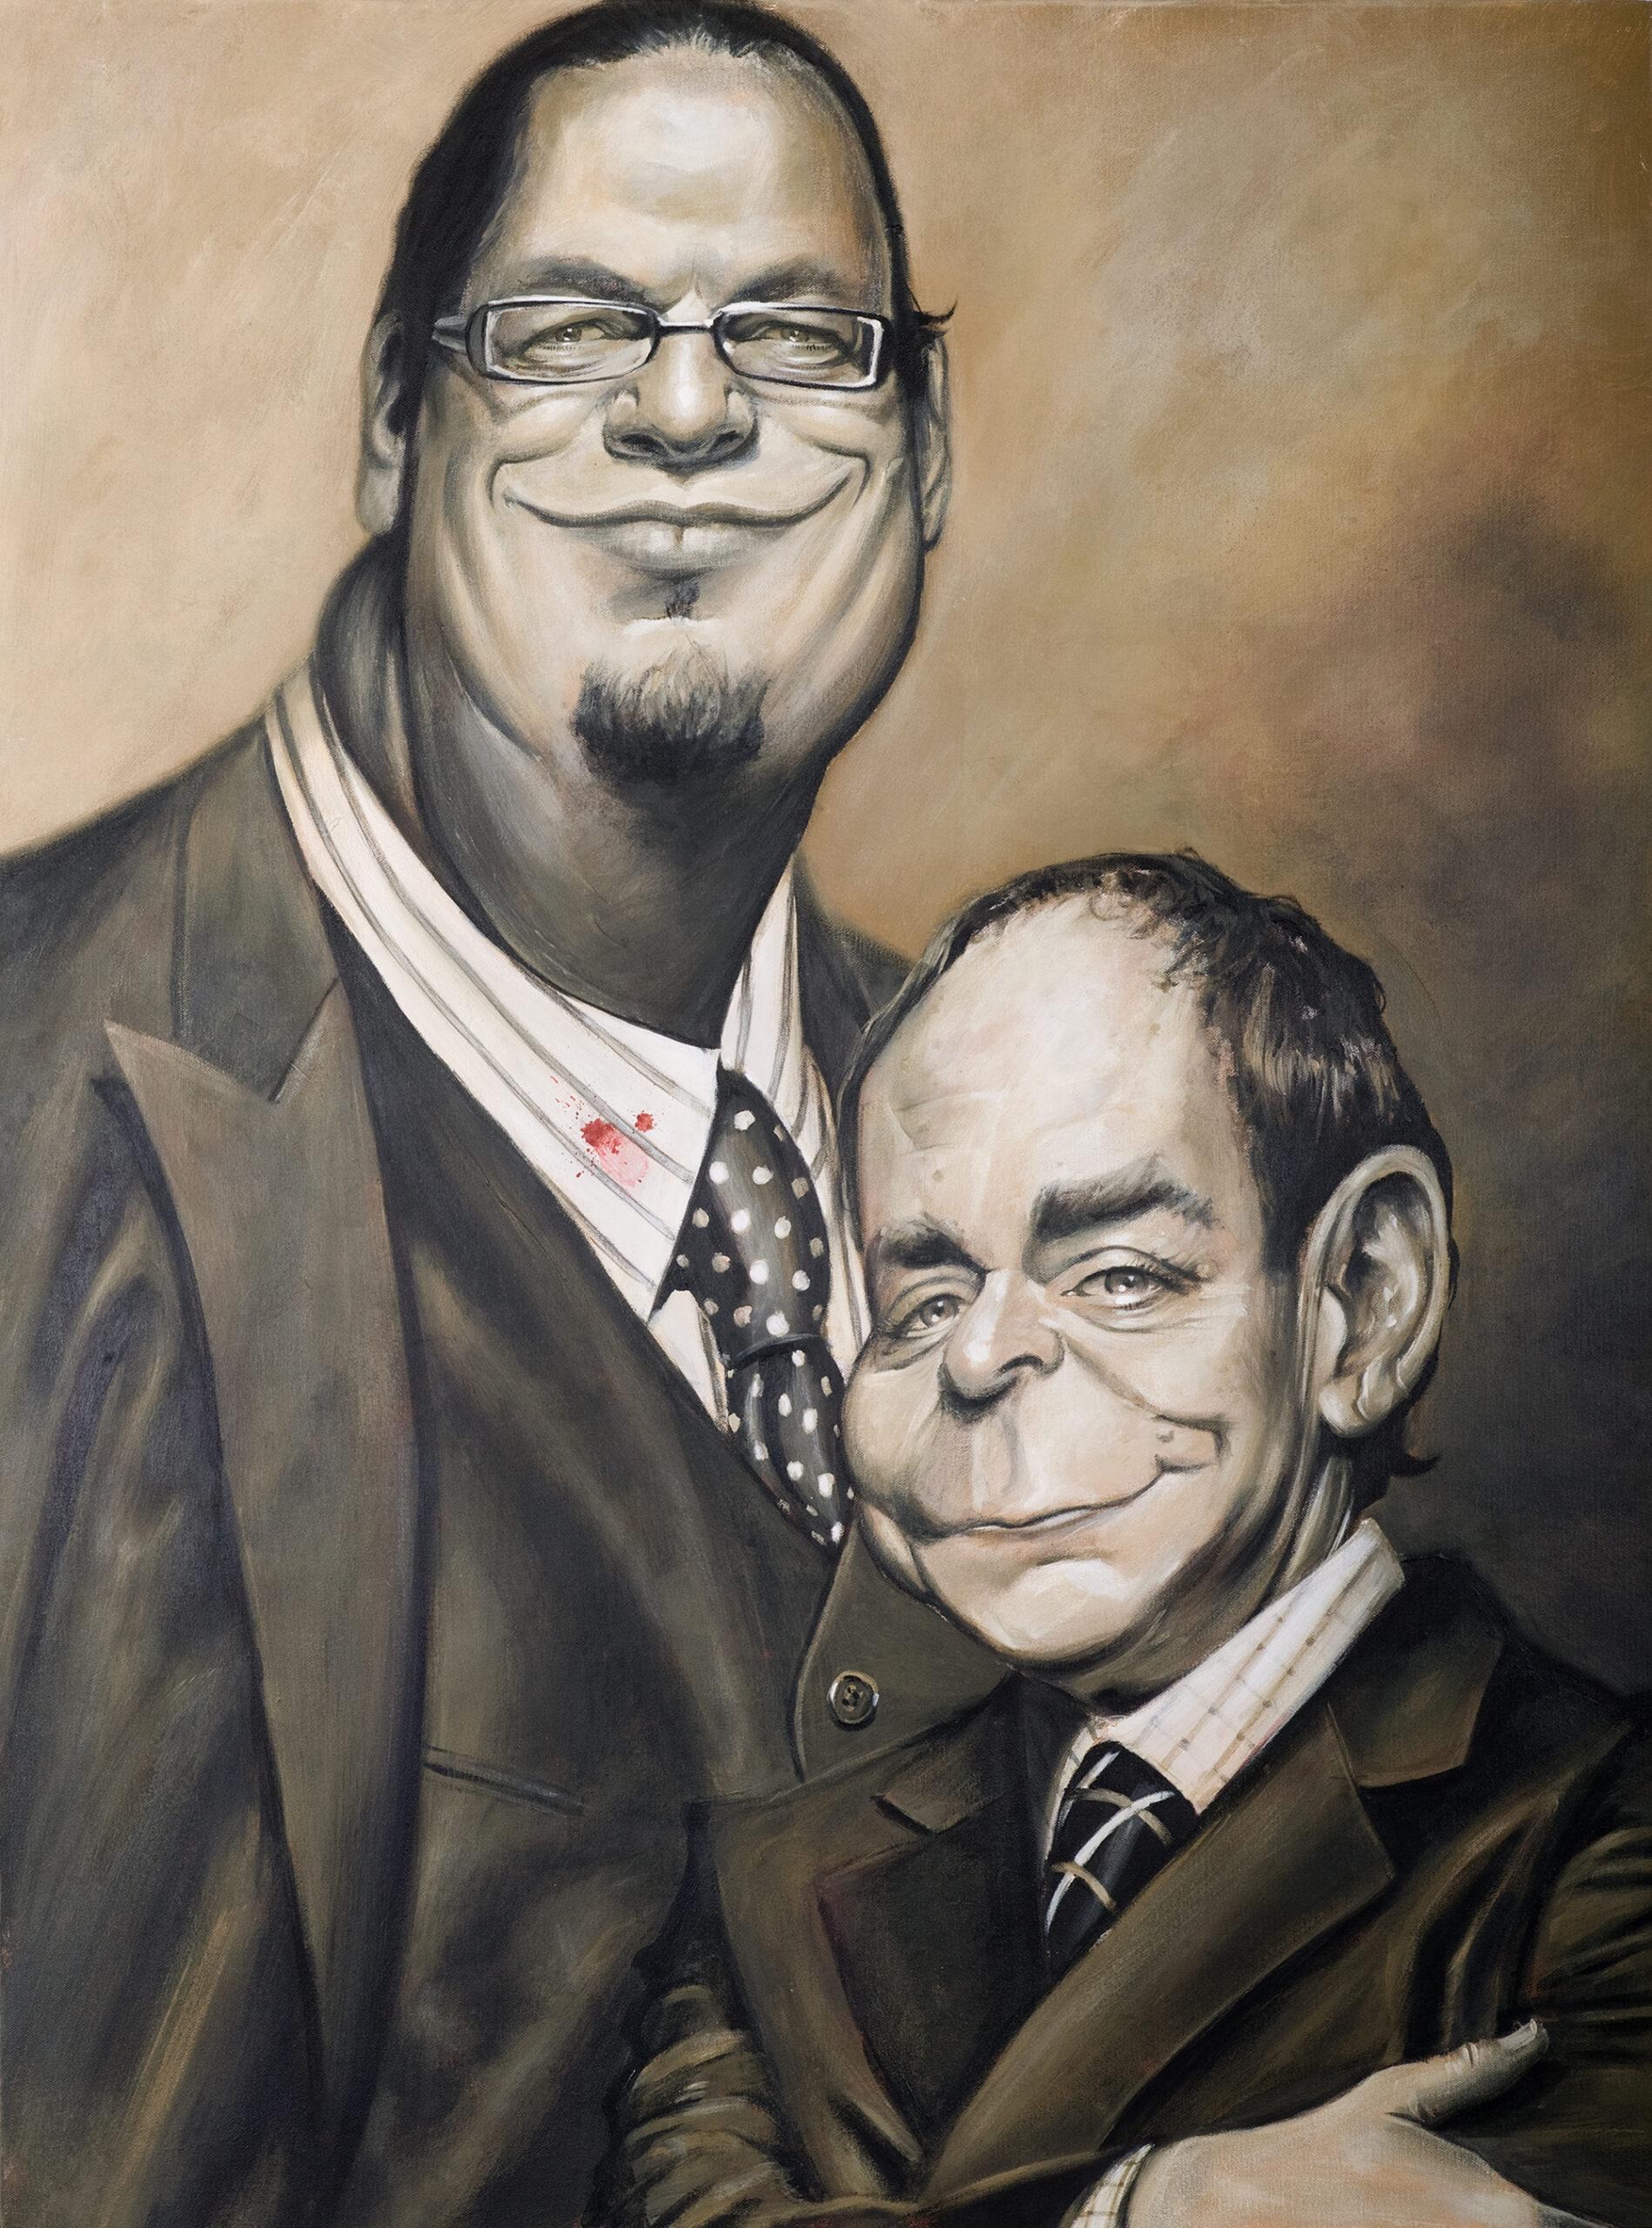 Penn & Teller portrait by Derren Brown